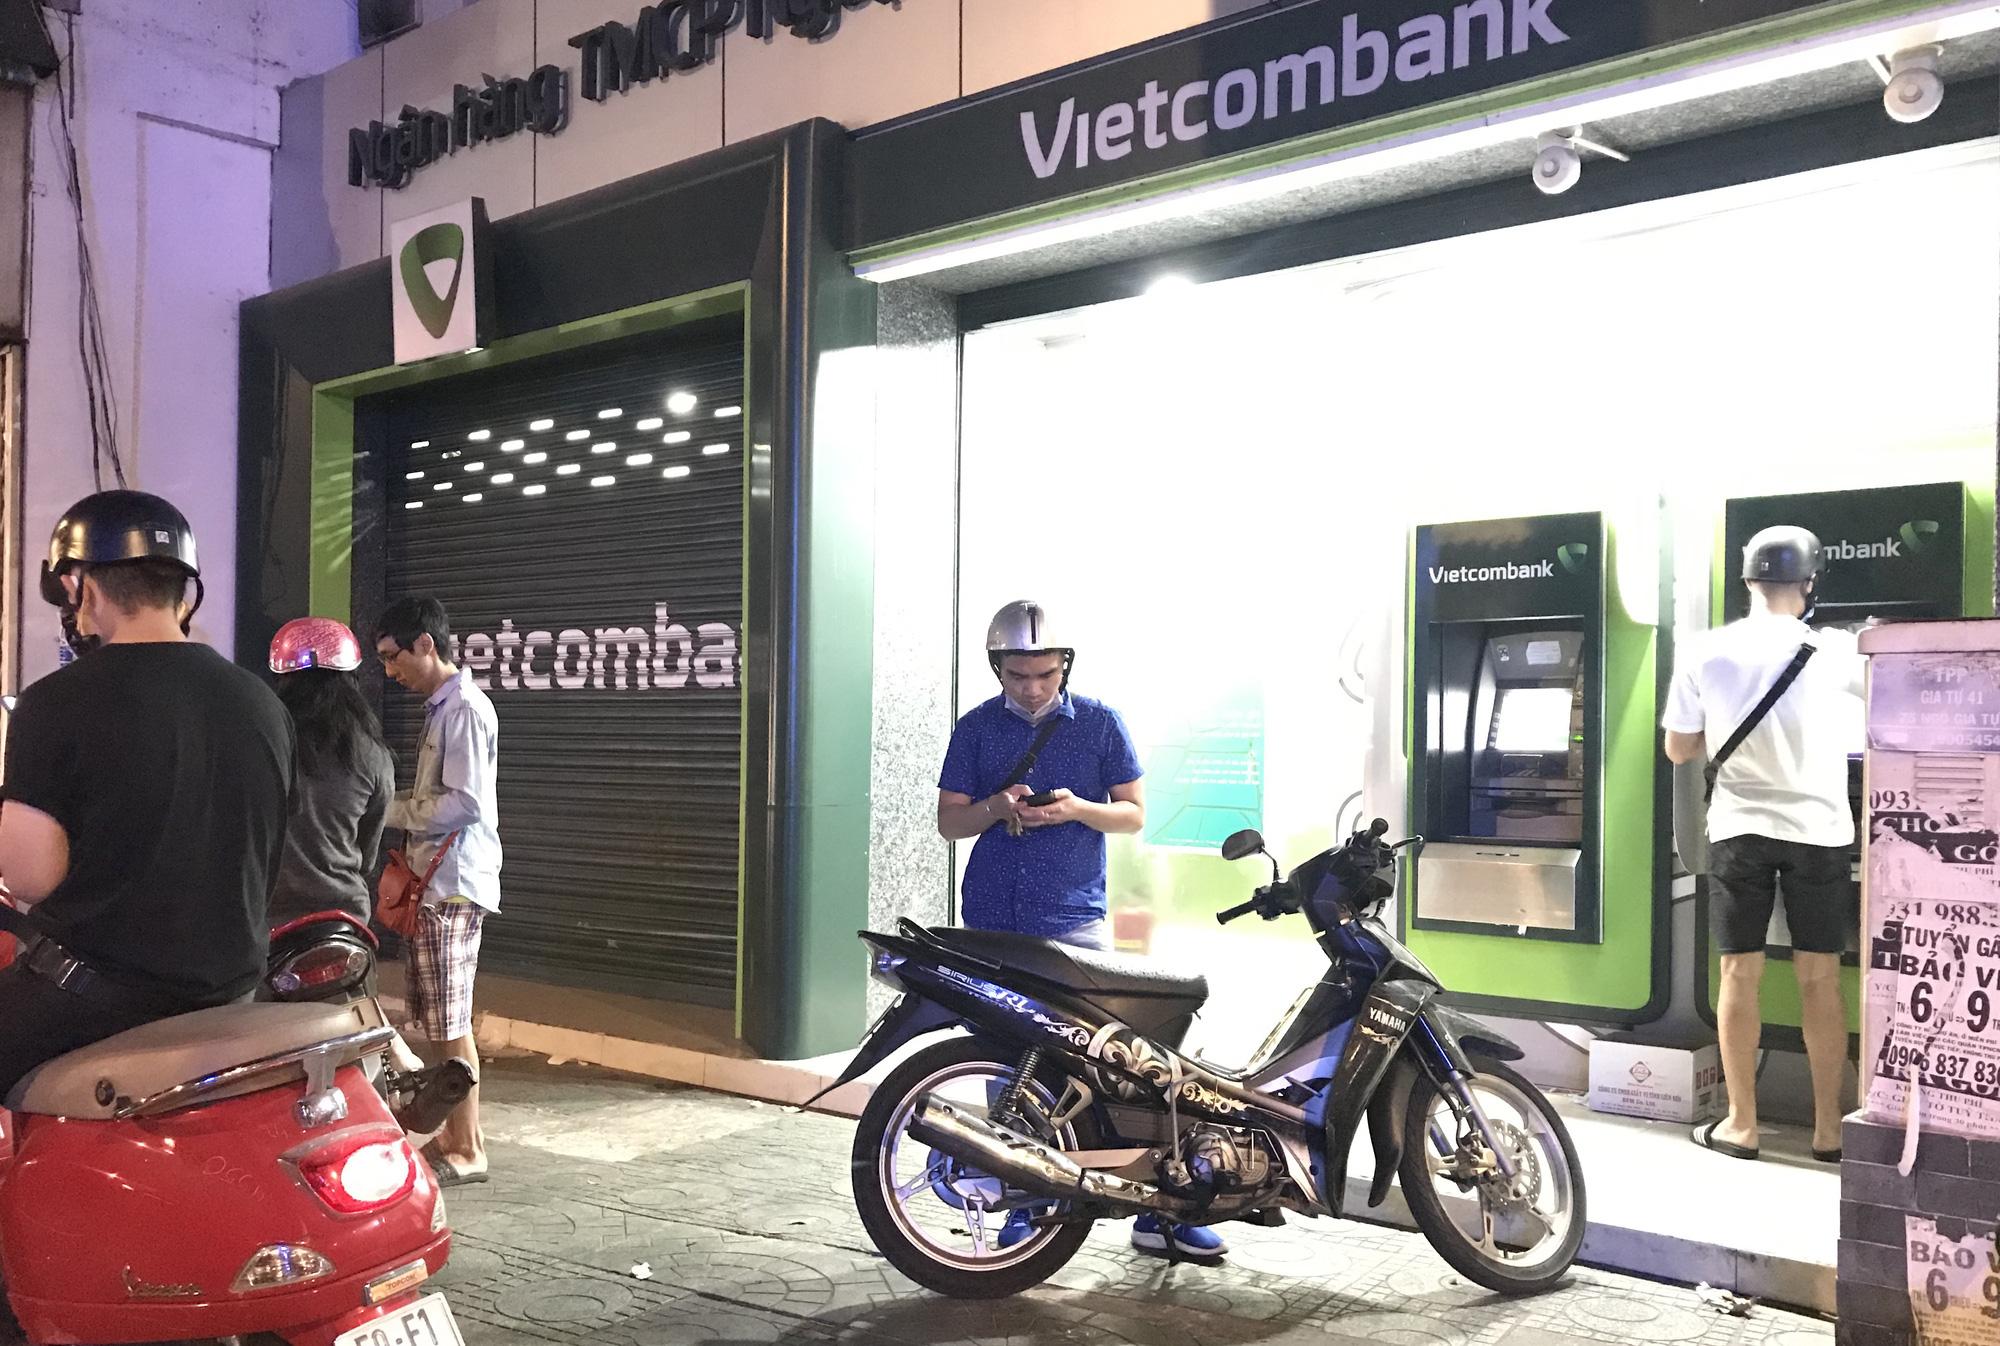 Vietcombank nói gì khi khách báo mất tiền trong thẻ VISA mùng 4 Tết? - Ảnh 1.